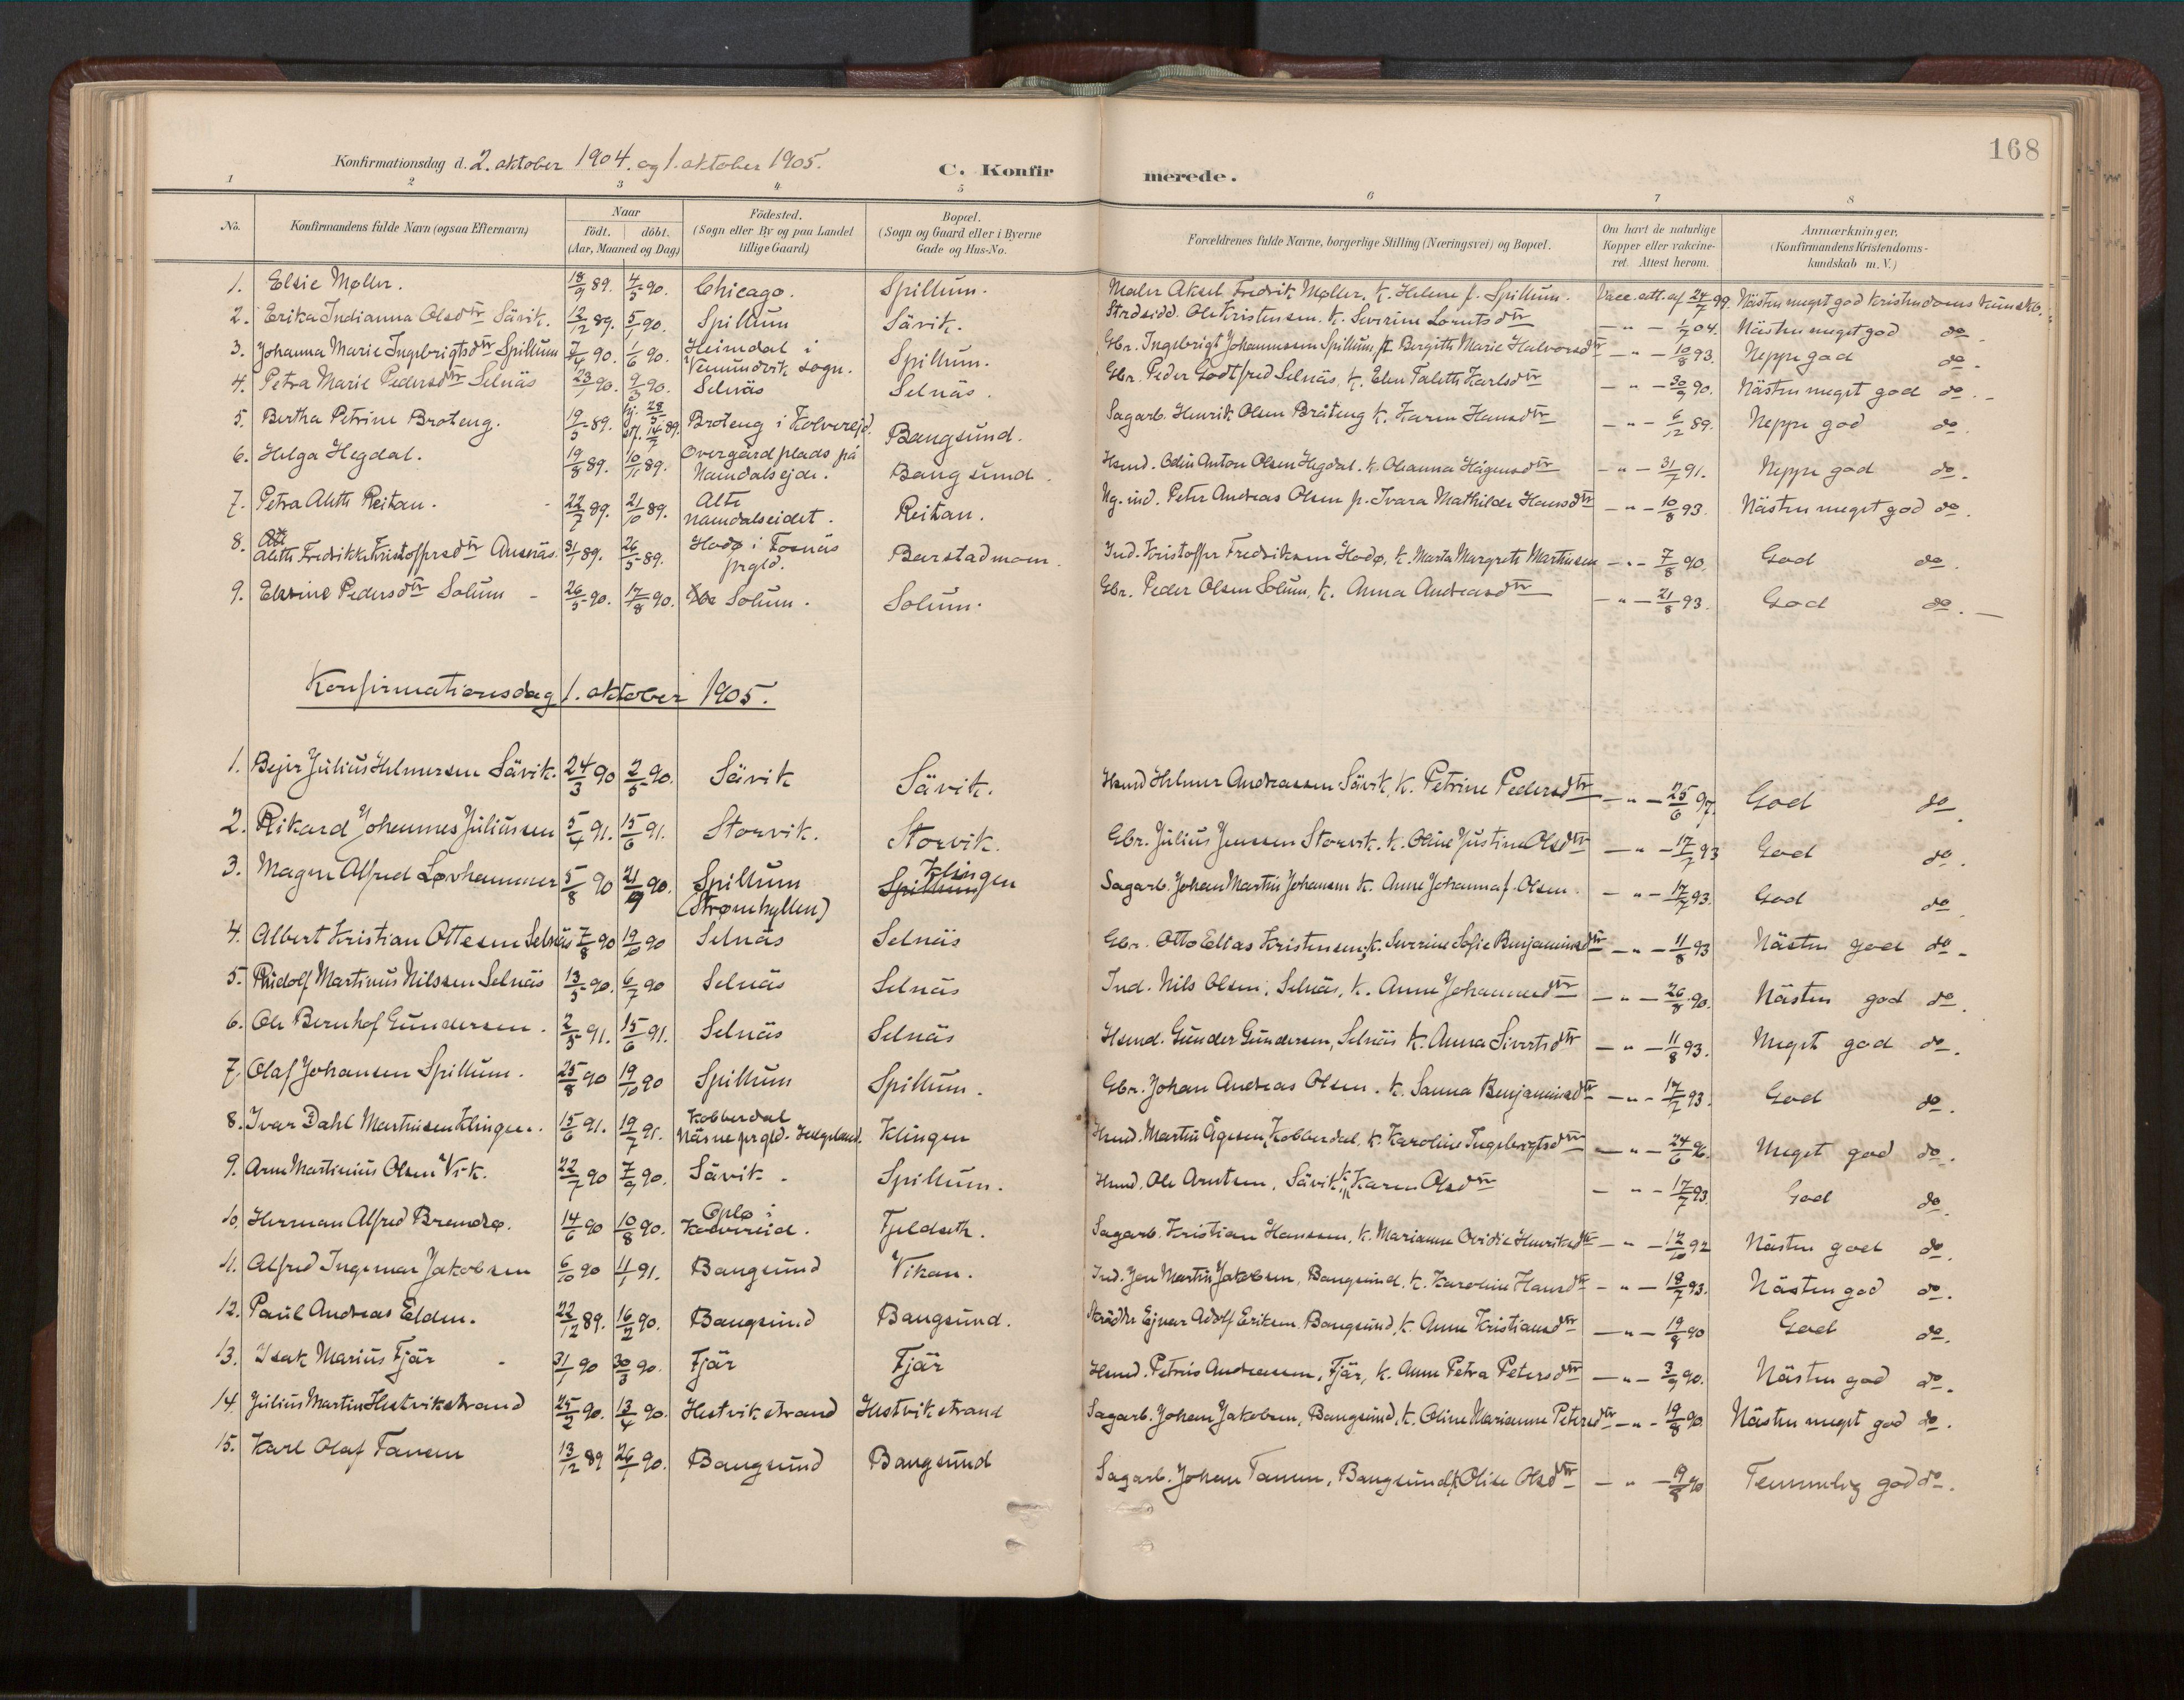 SAT, Ministerialprotokoller, klokkerbøker og fødselsregistre - Nord-Trøndelag, 770/L0589: Ministerialbok nr. 770A03, 1887-1929, s. 168